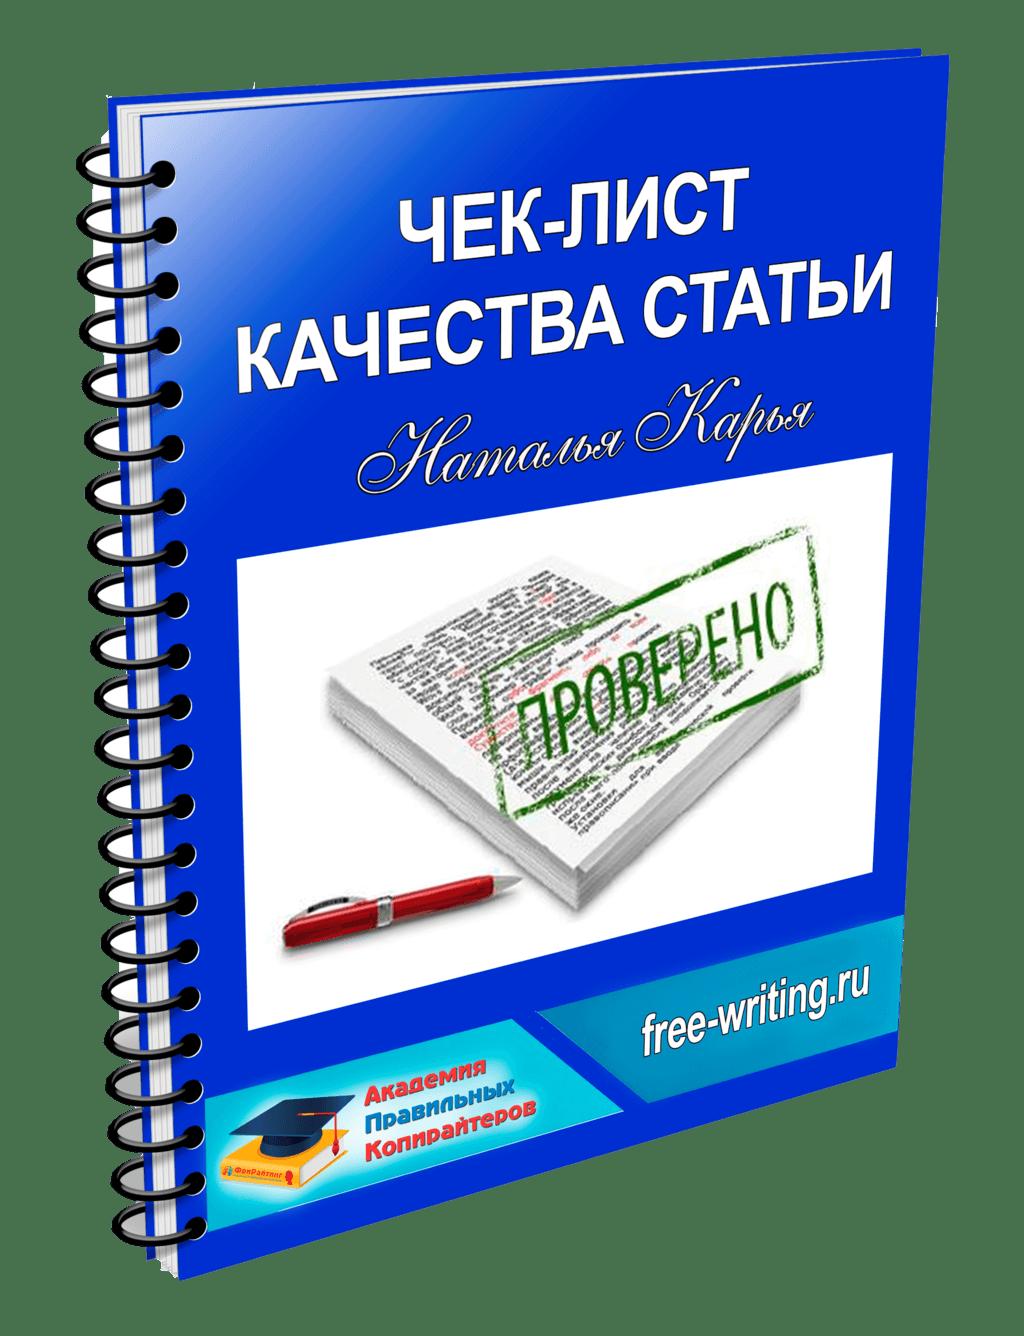 чек-лист качества статьи от Натальи Карья